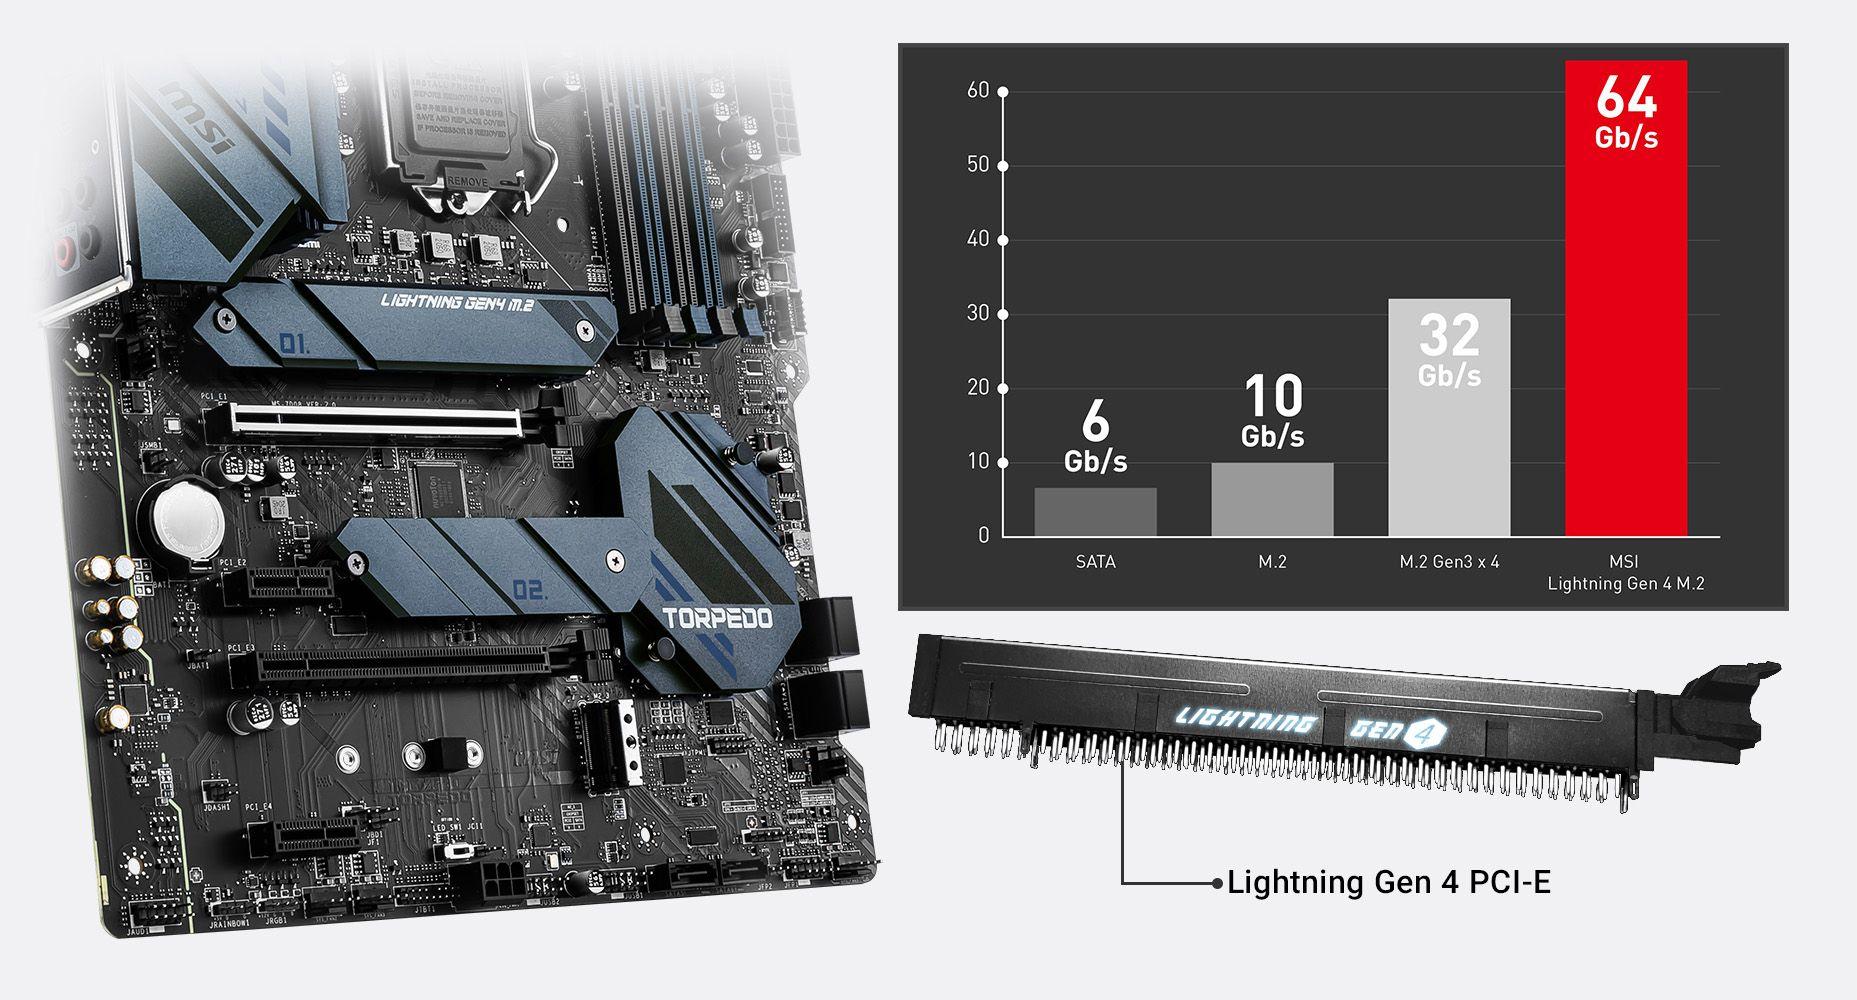 MSI MAG Z590 TORPEDO LIGHTNING GEN 4